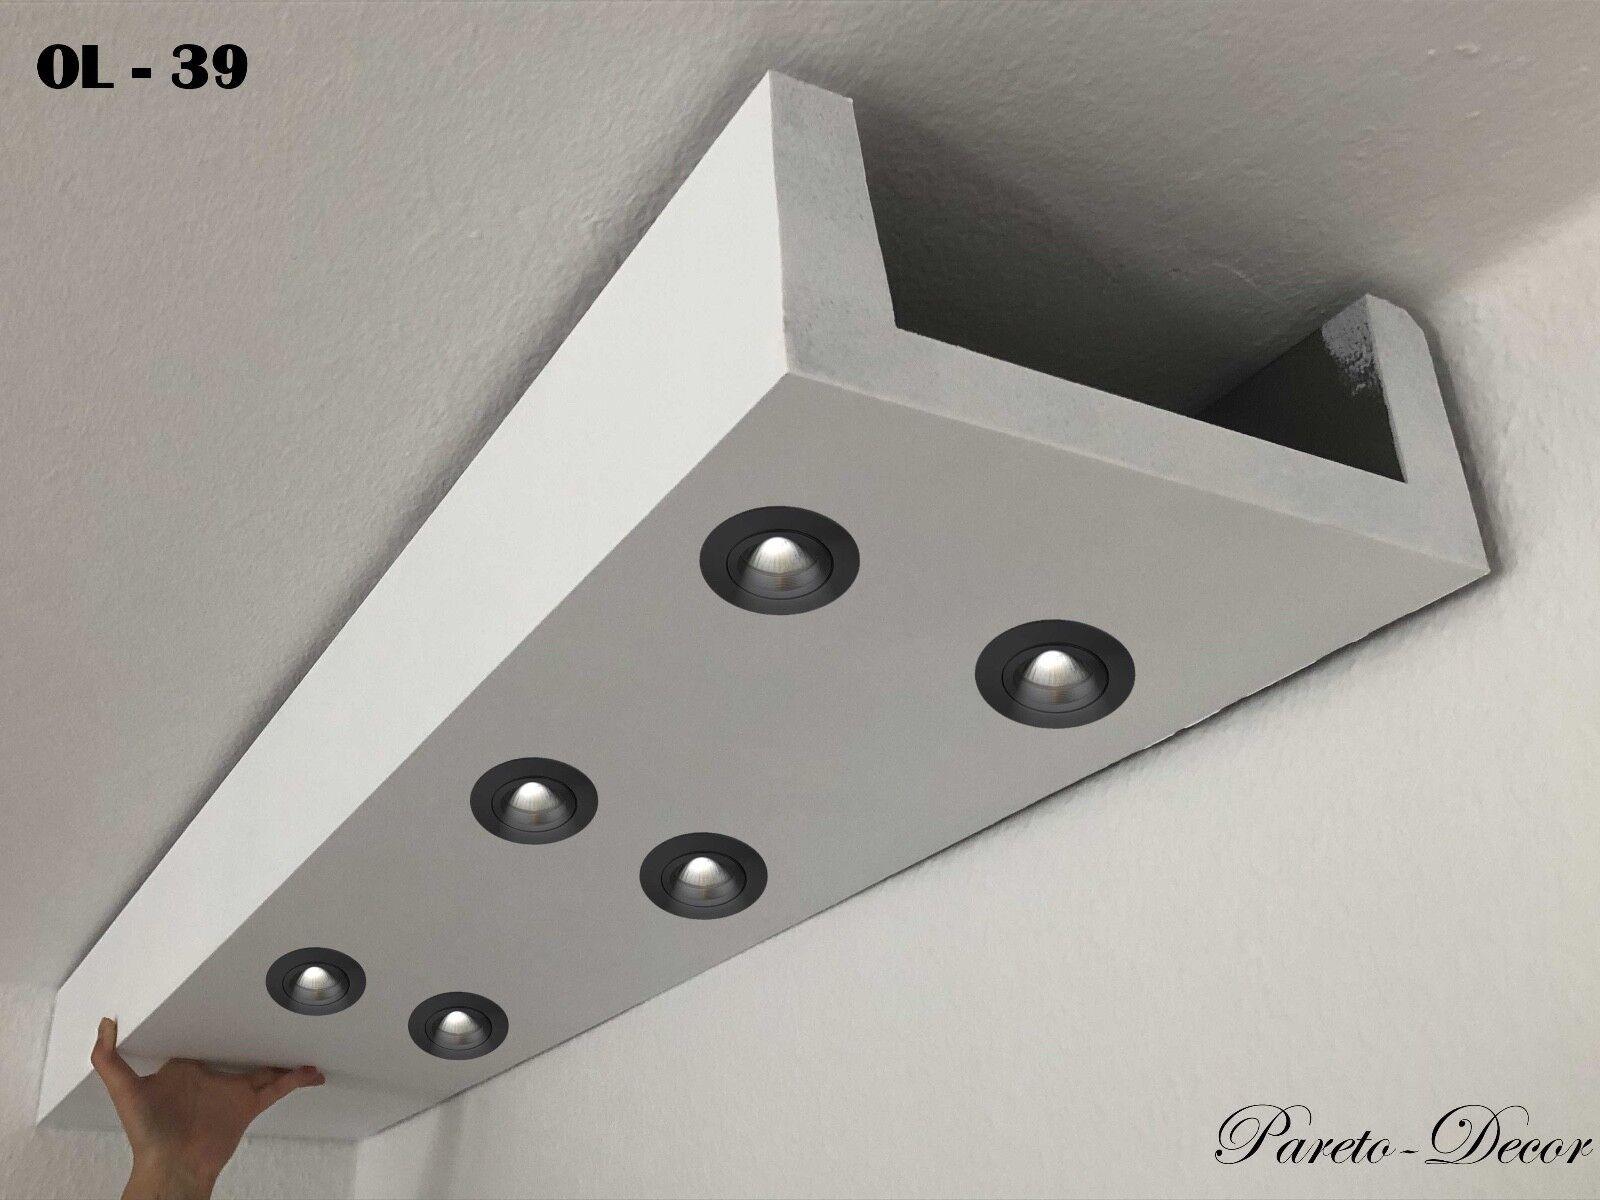 50 Meter LED Licht Bebauung Profil Spot  indirekte Beleuchtung XPS OL-39 Weiß